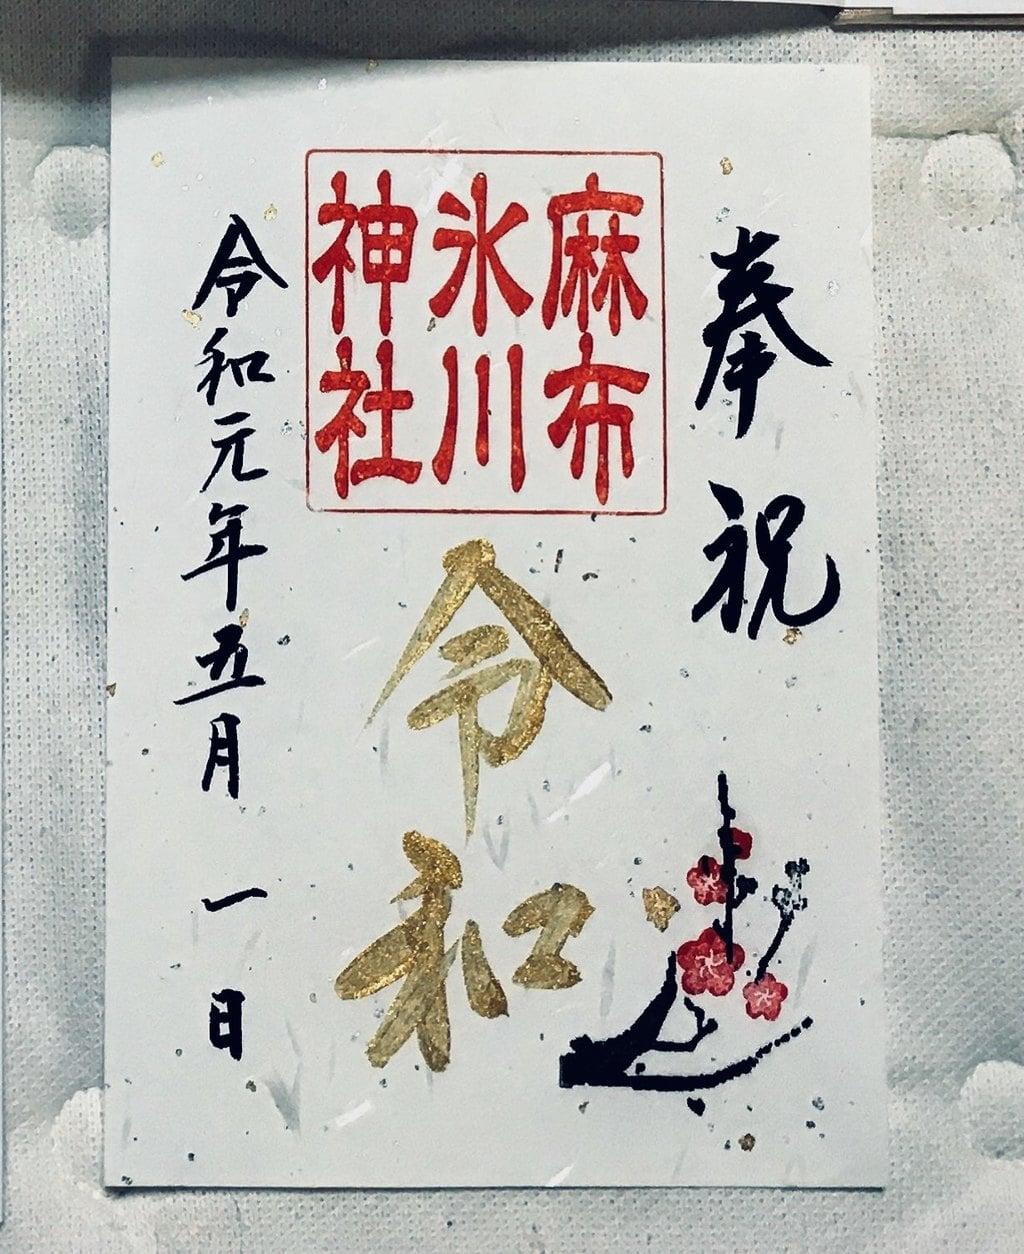 麻布氷川神社の御朱印(東京都麻布十番駅)